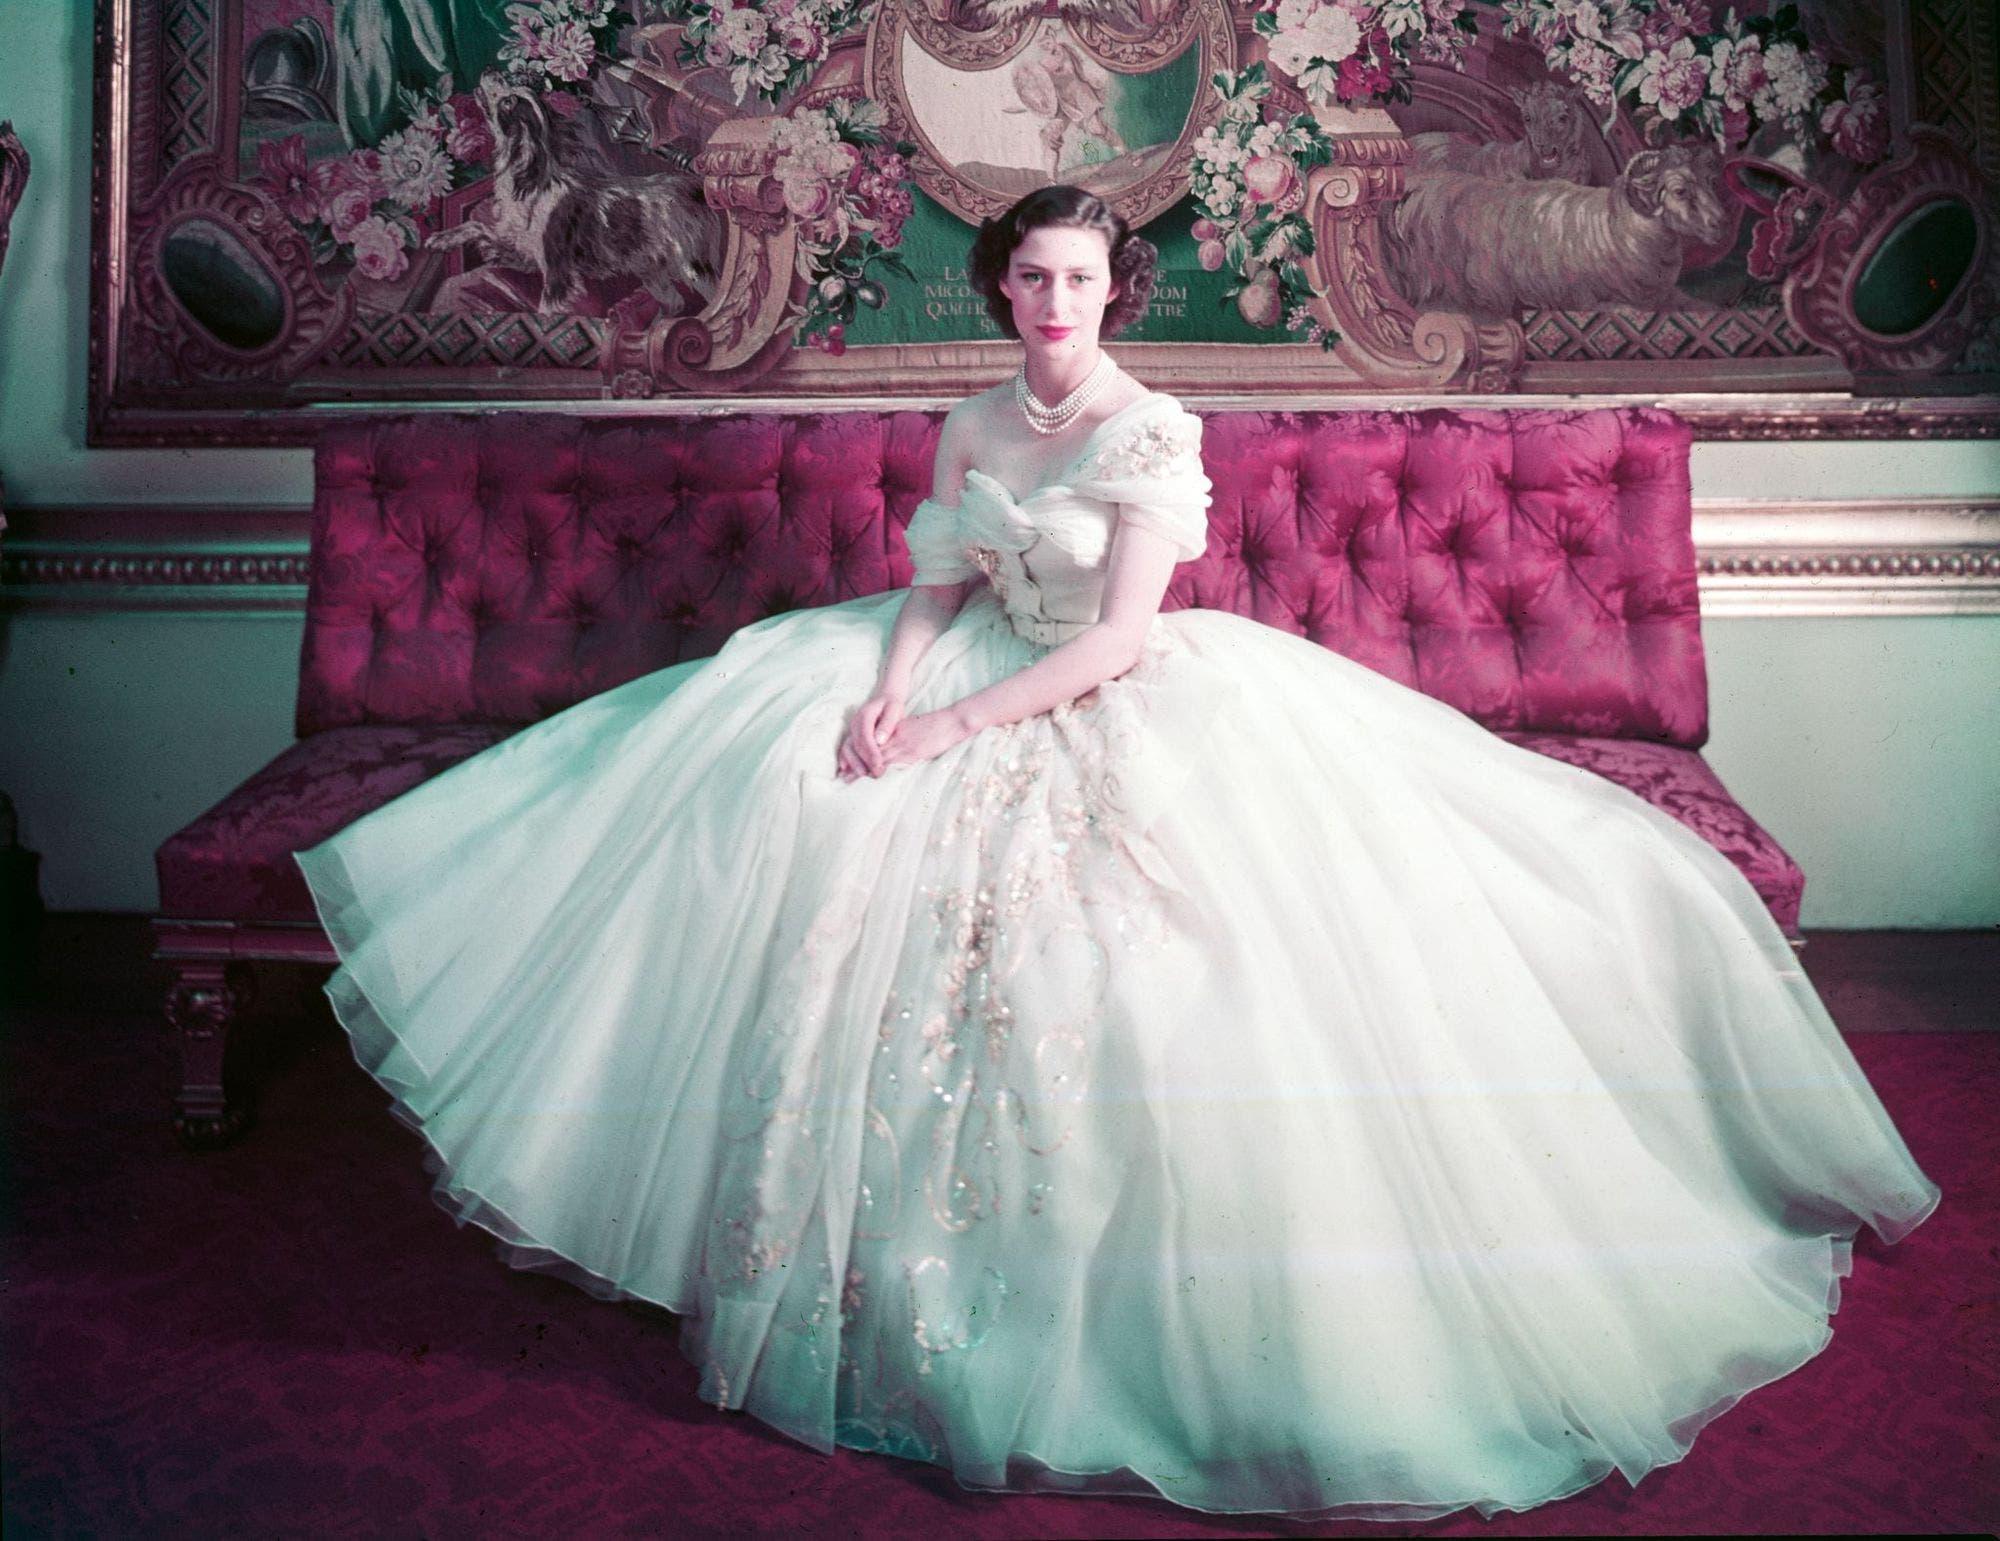 صورة الأميرة مارغريت وهي تحتفل بعيدها ال21 في ثوب من ديور